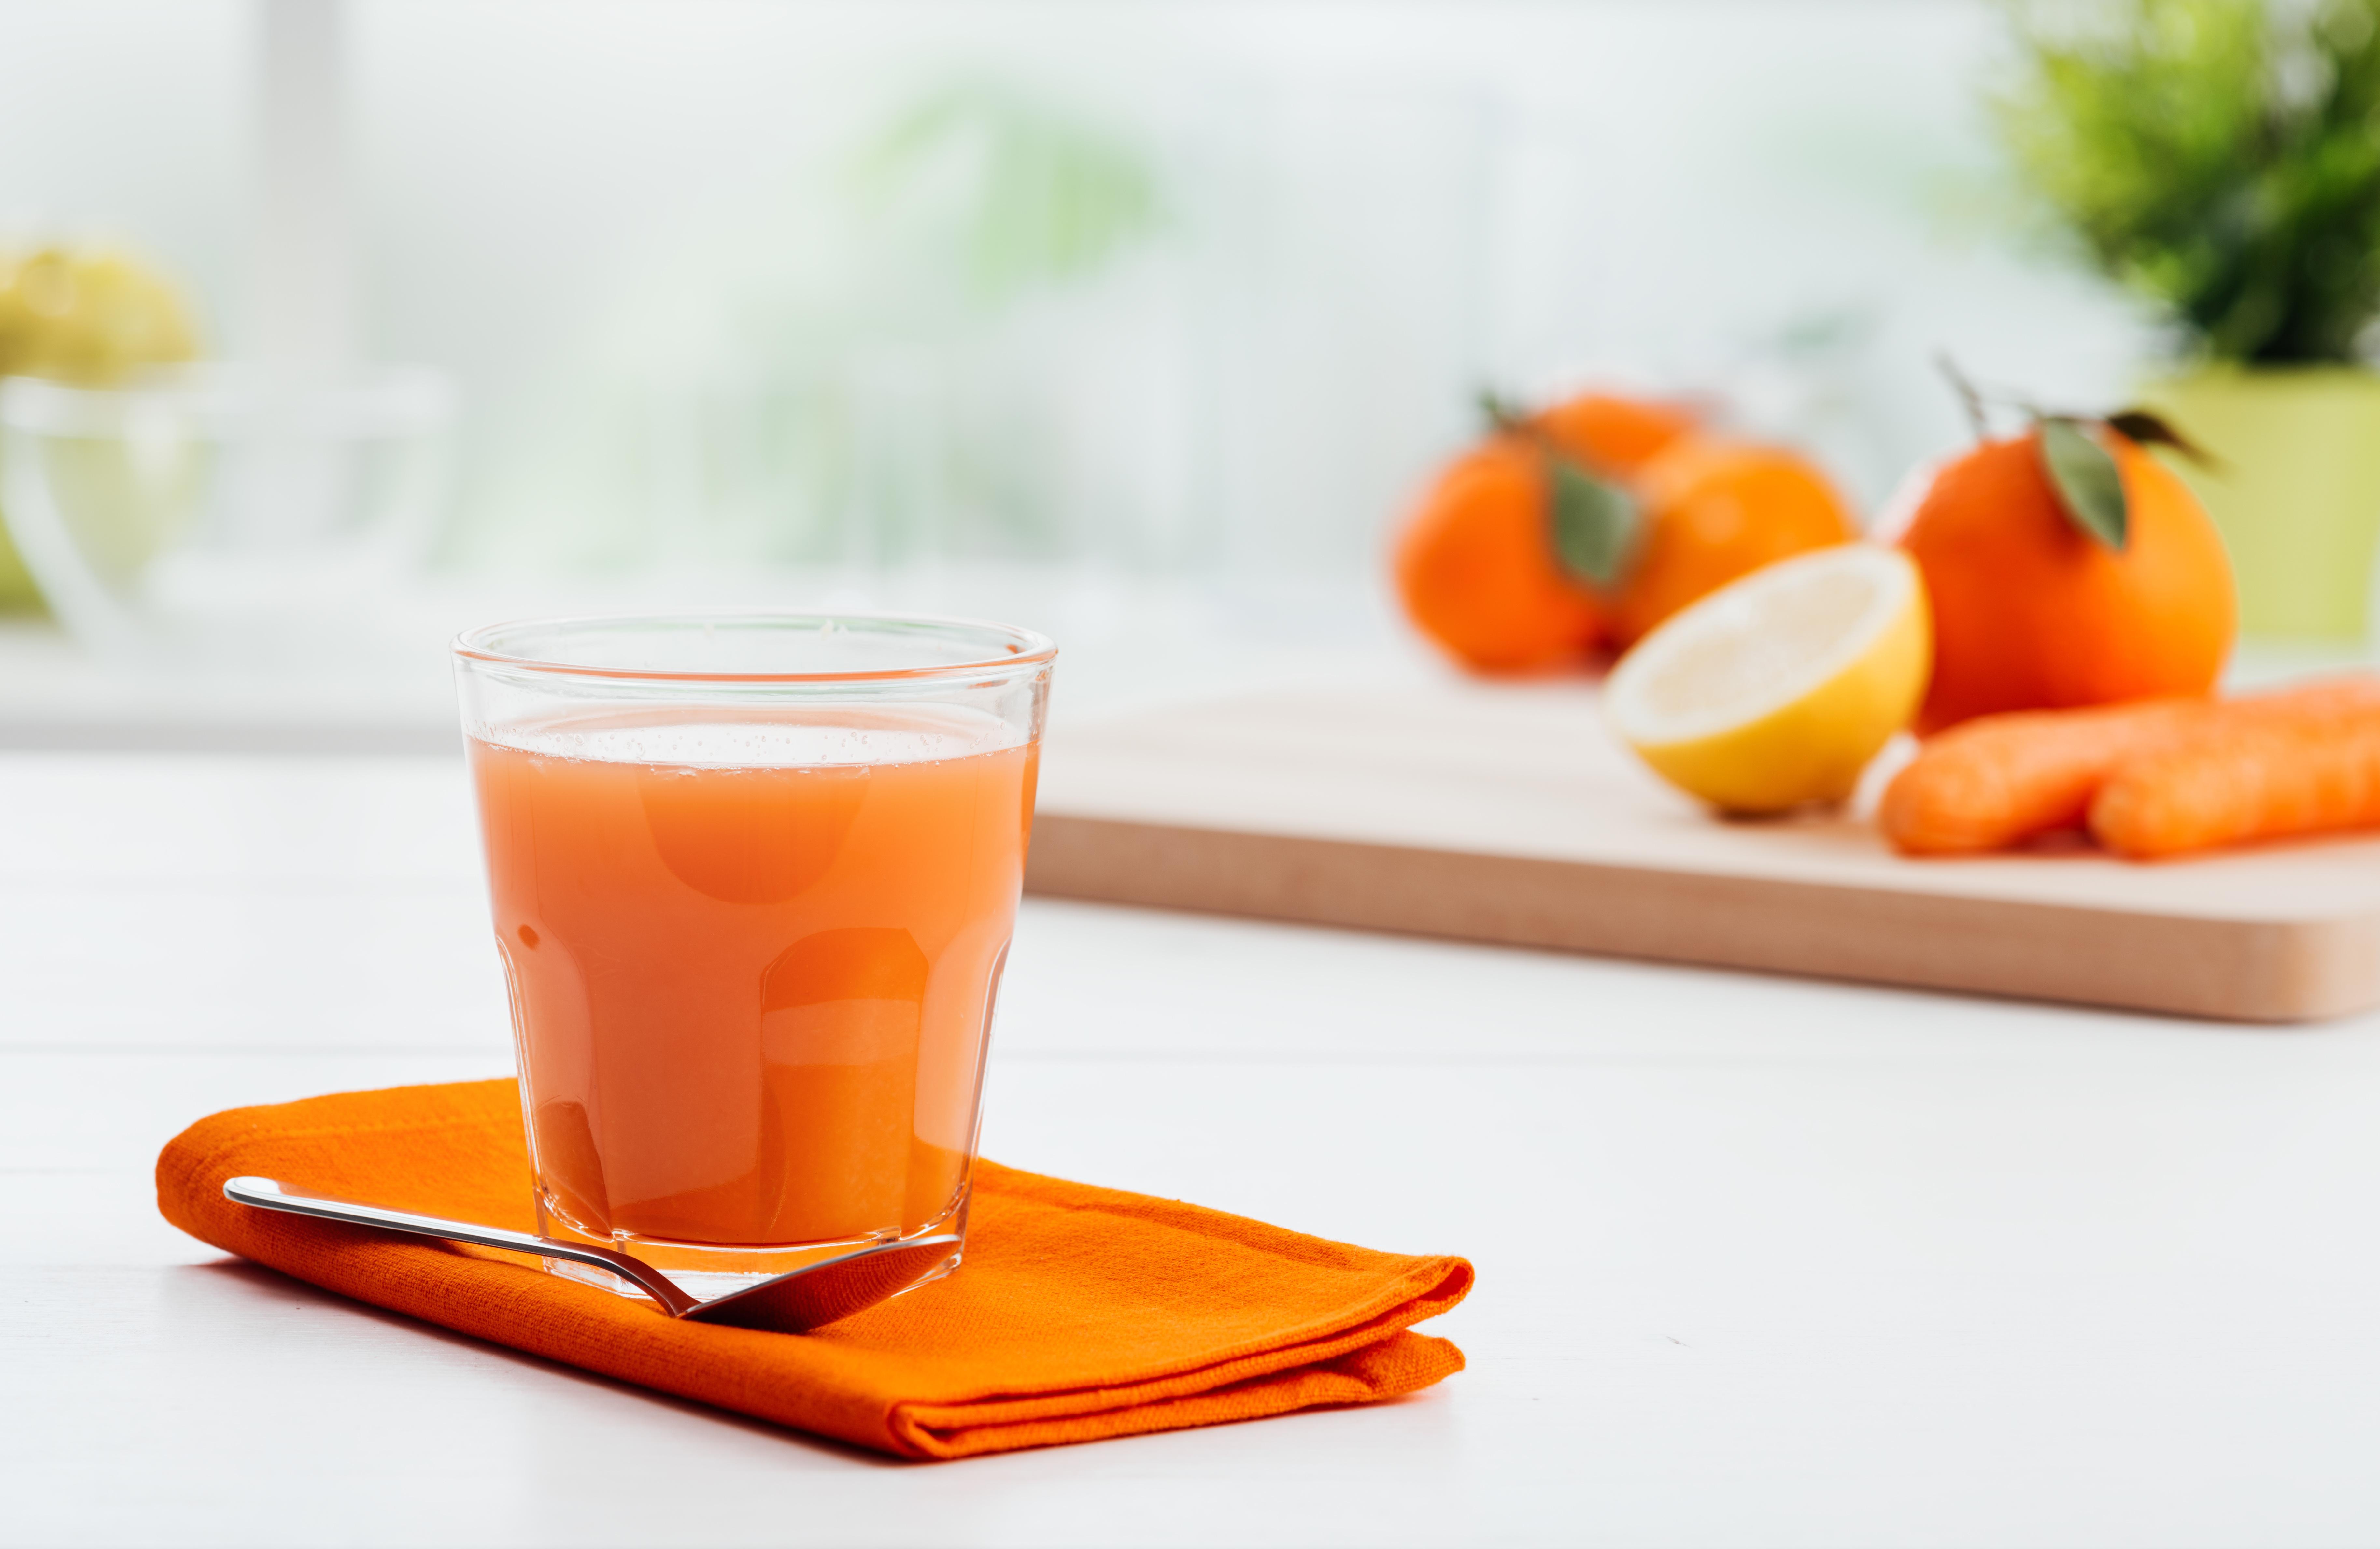 Jus oranges carottes